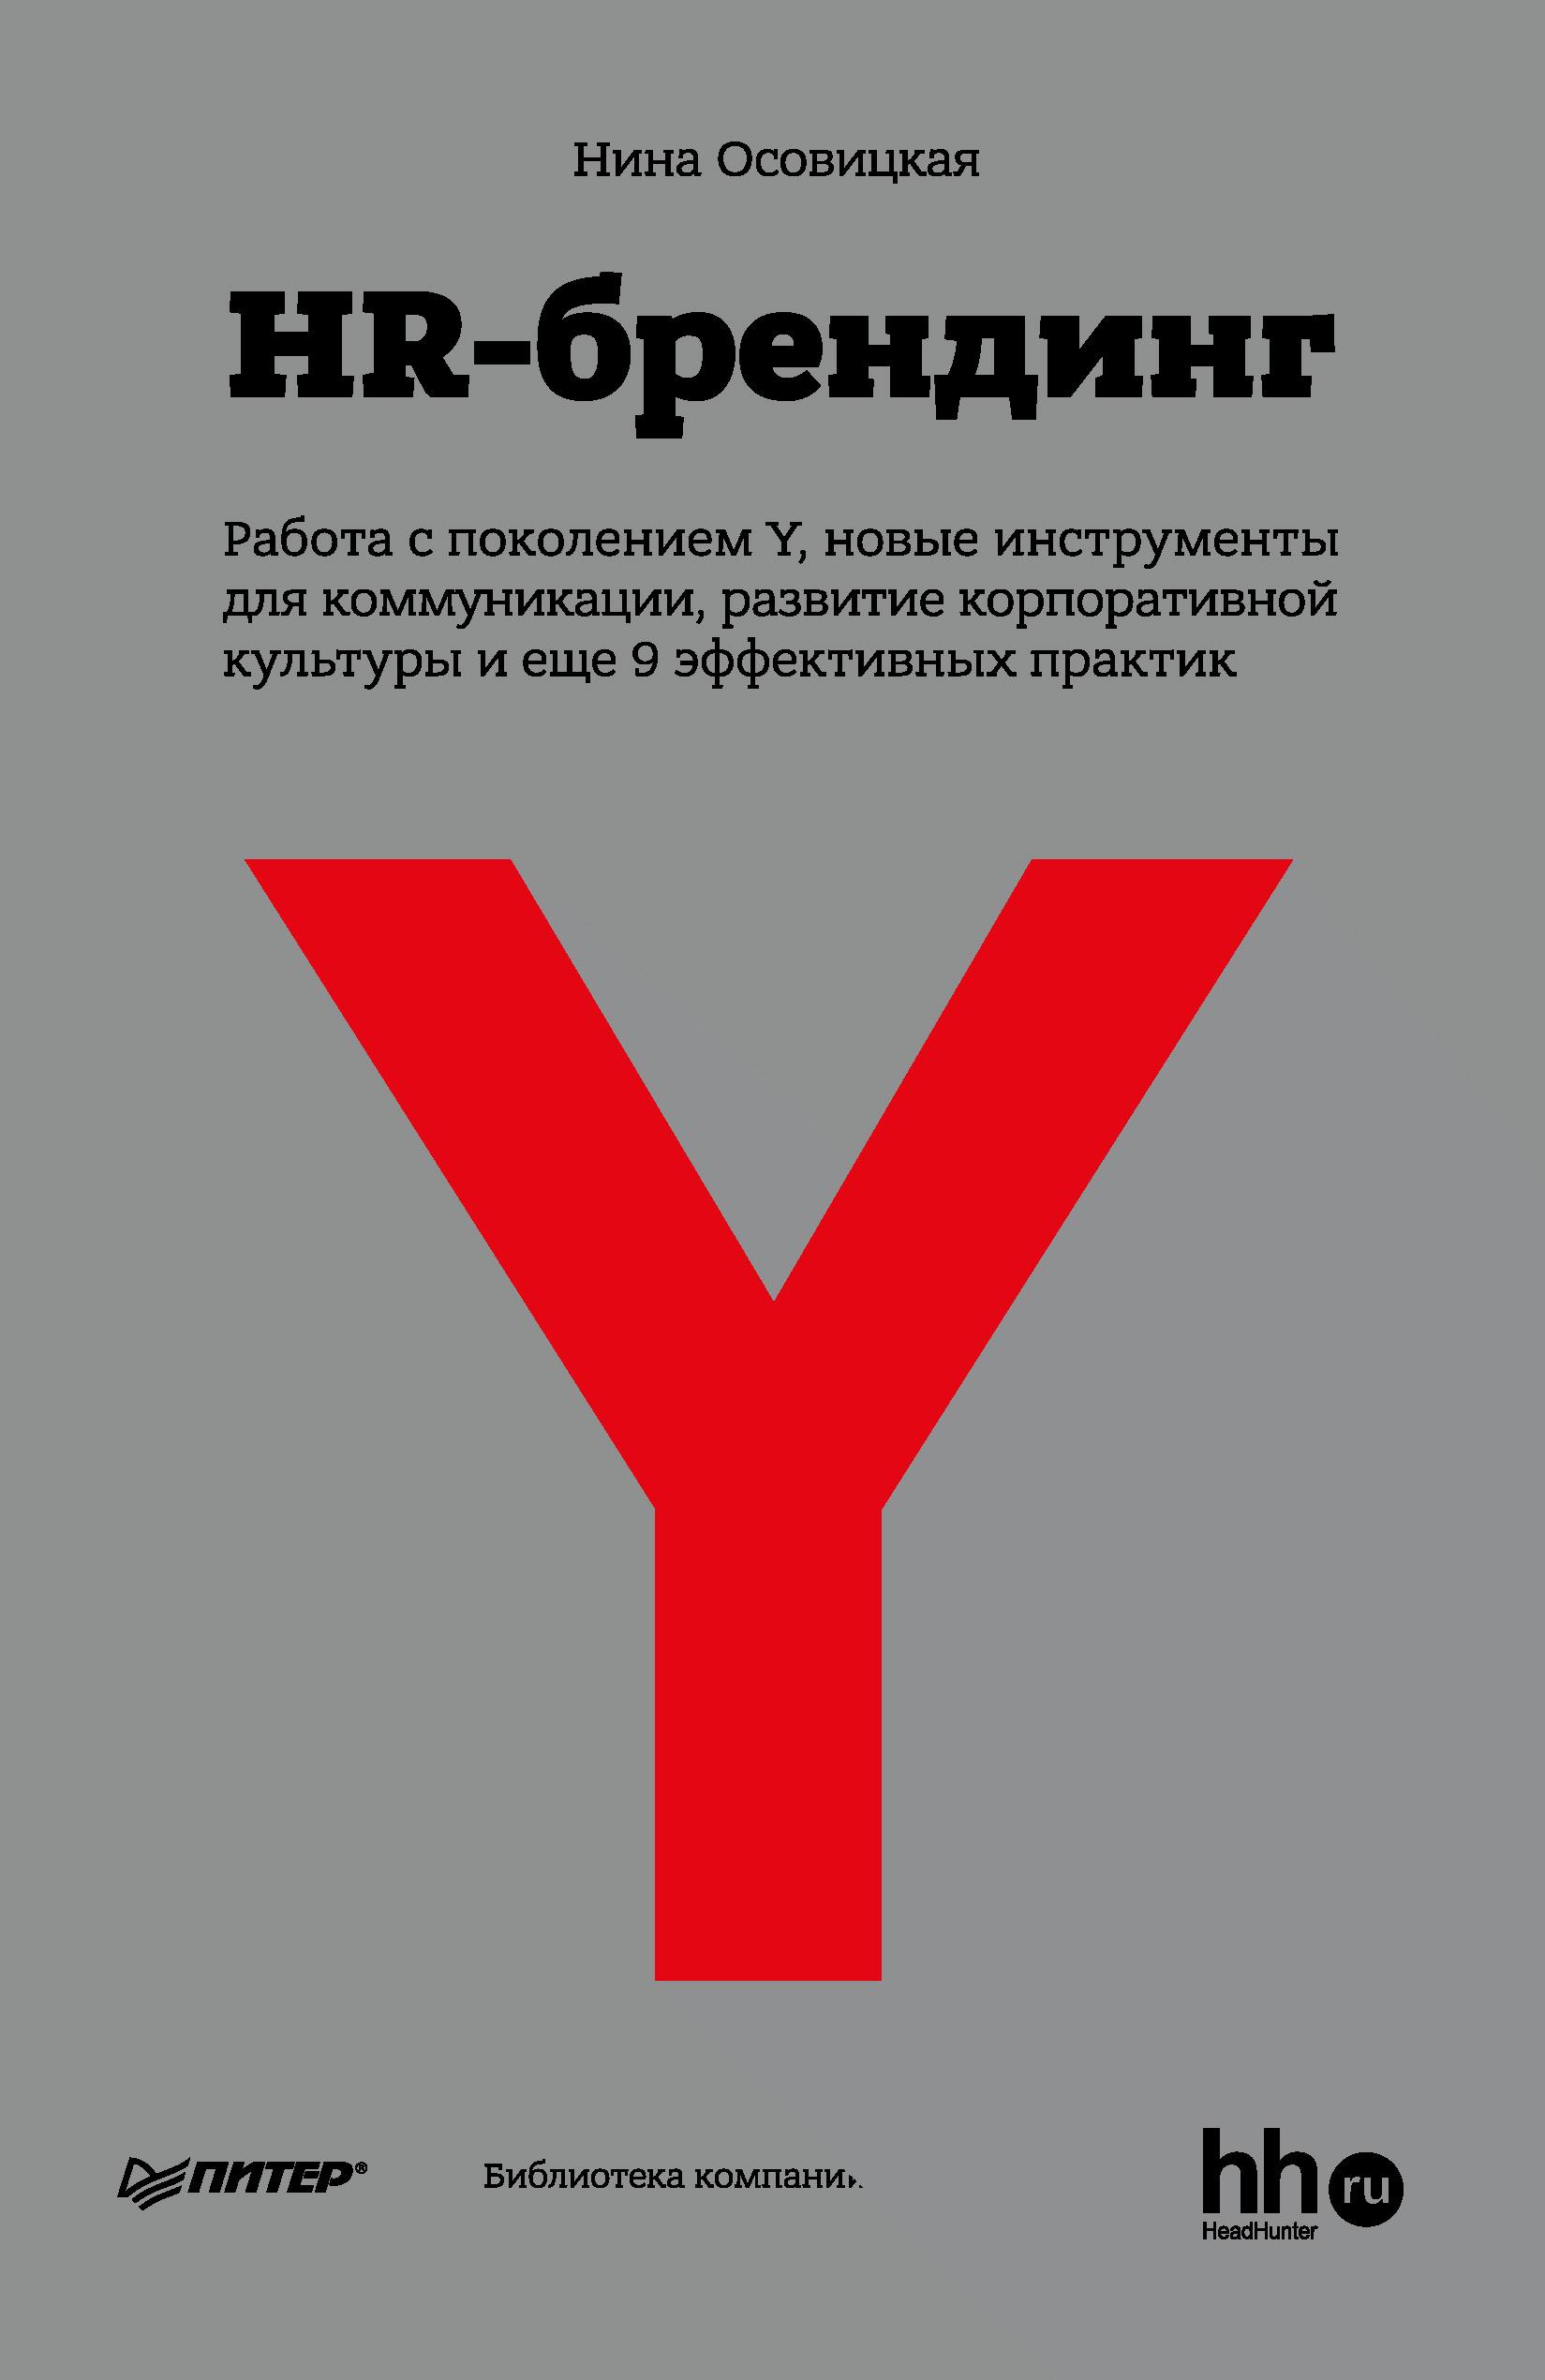 Обложка книги HR-брендинг: Работа с поколением Y, новые инструменты для коммуникации, развитие корпоративной культуры и еще 9 эффективных практик